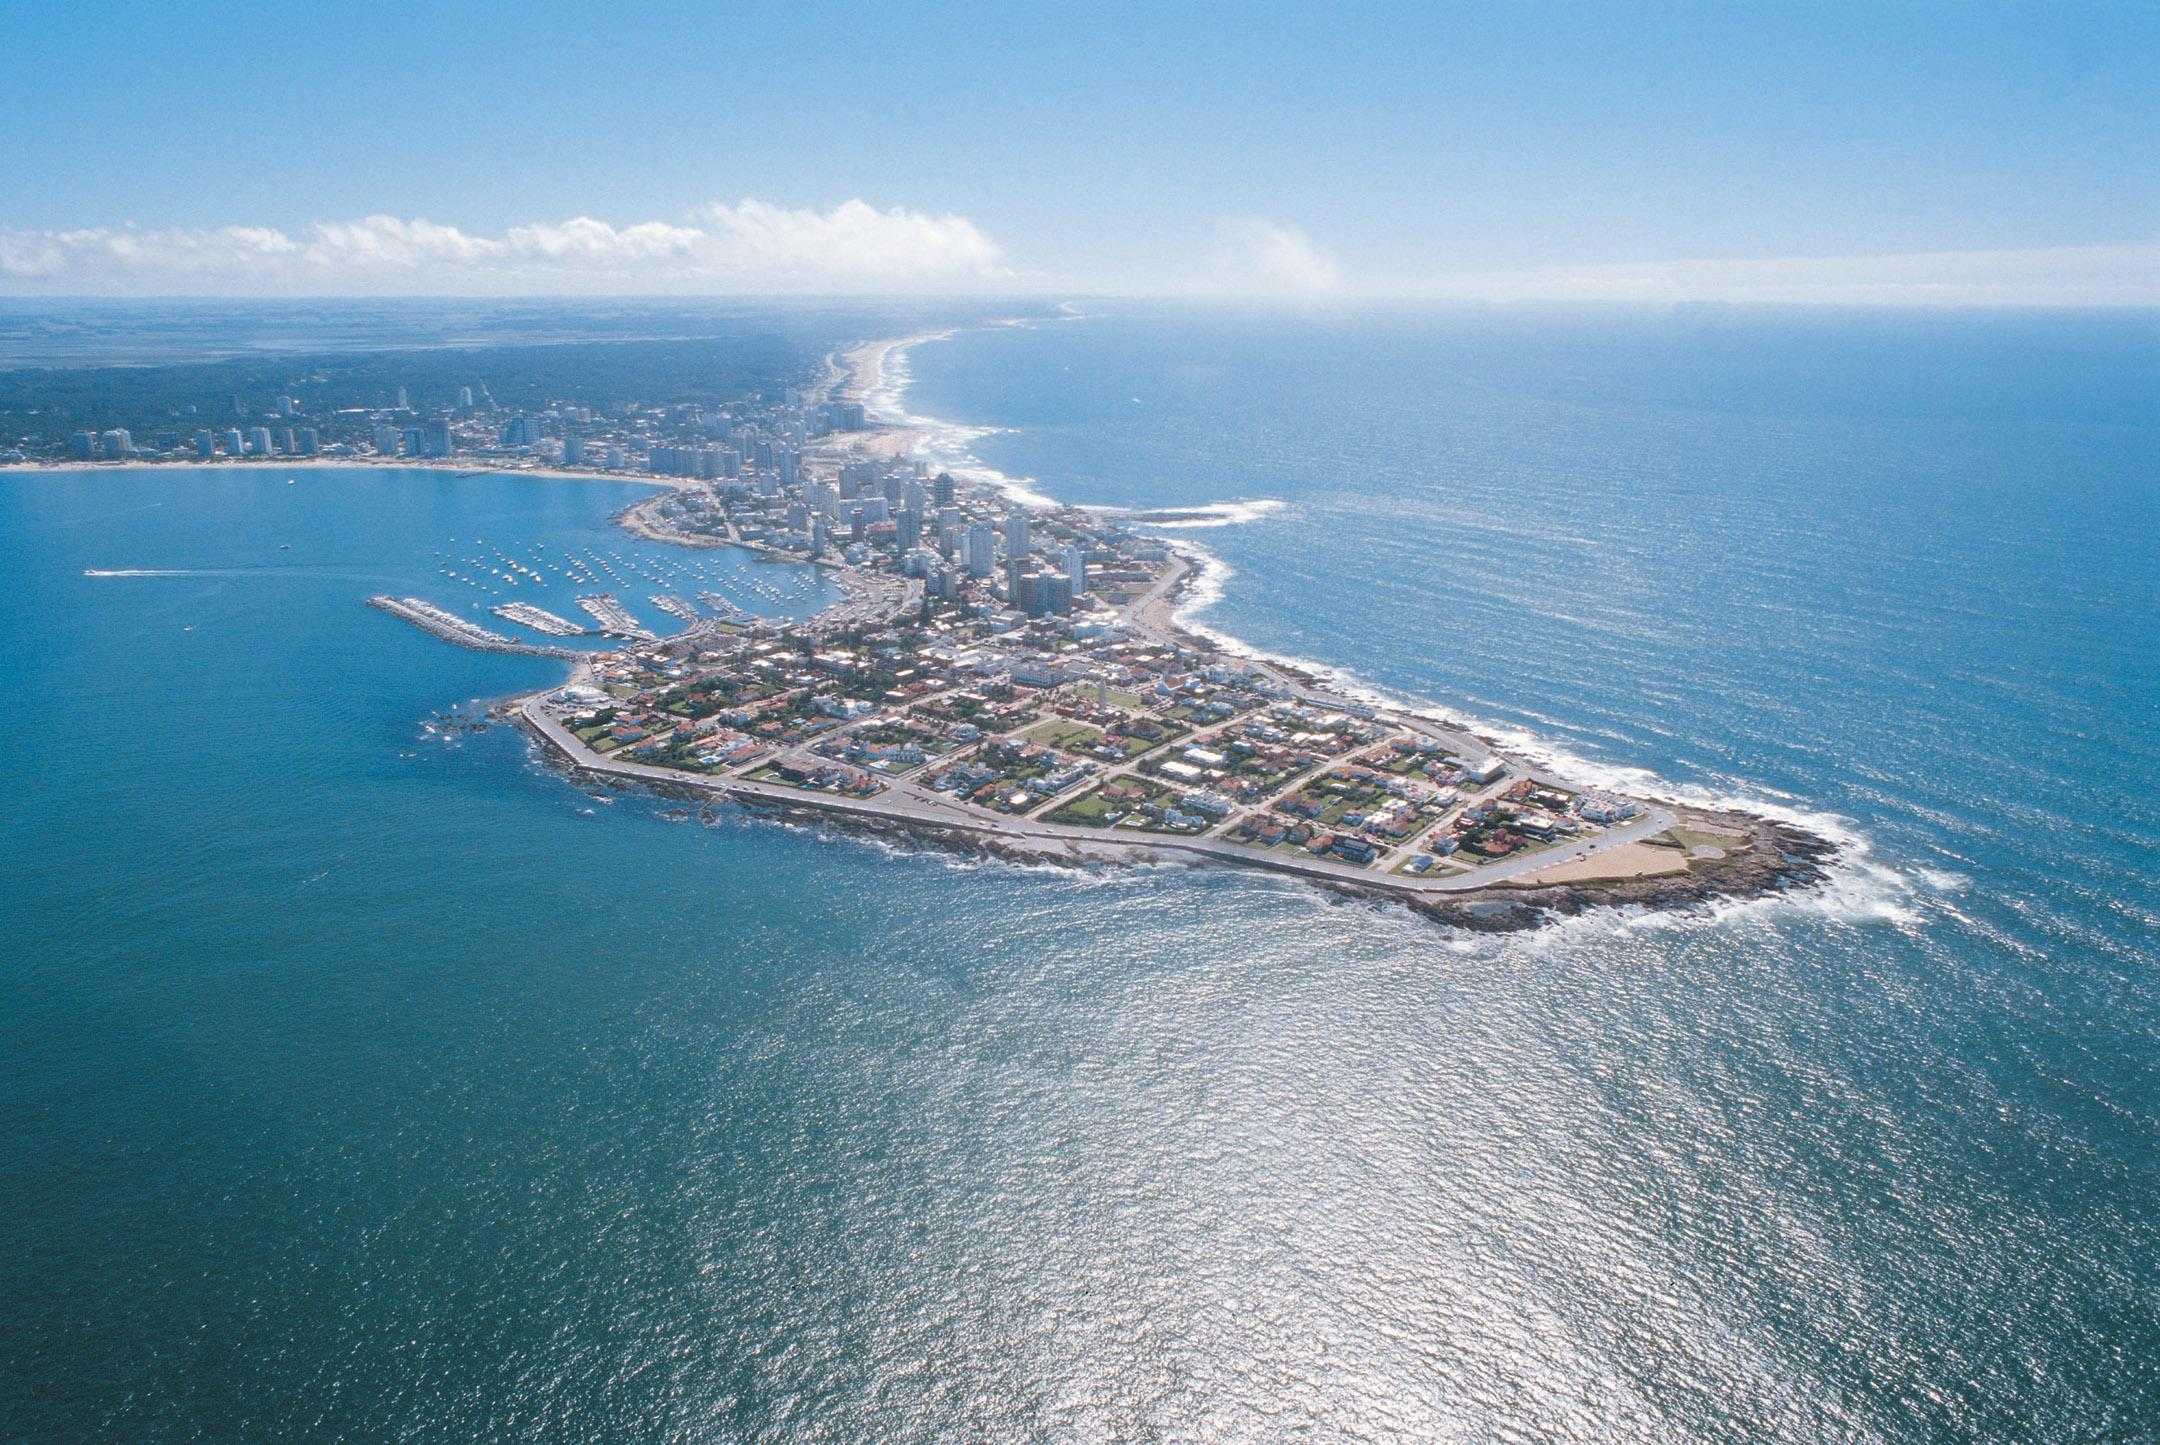 En Punta del Este se unen el Río de la Plata con el Océano Atlántico © Testoni Studios Ministerio de Turismo y Deporte de Uruguay